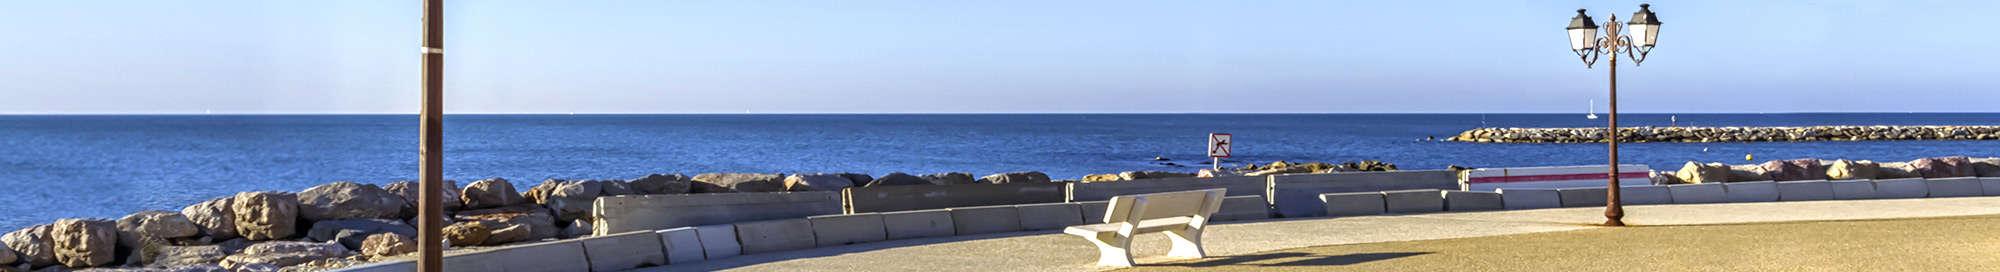 Week-end et séjour aux Saintes Maries de la Mer